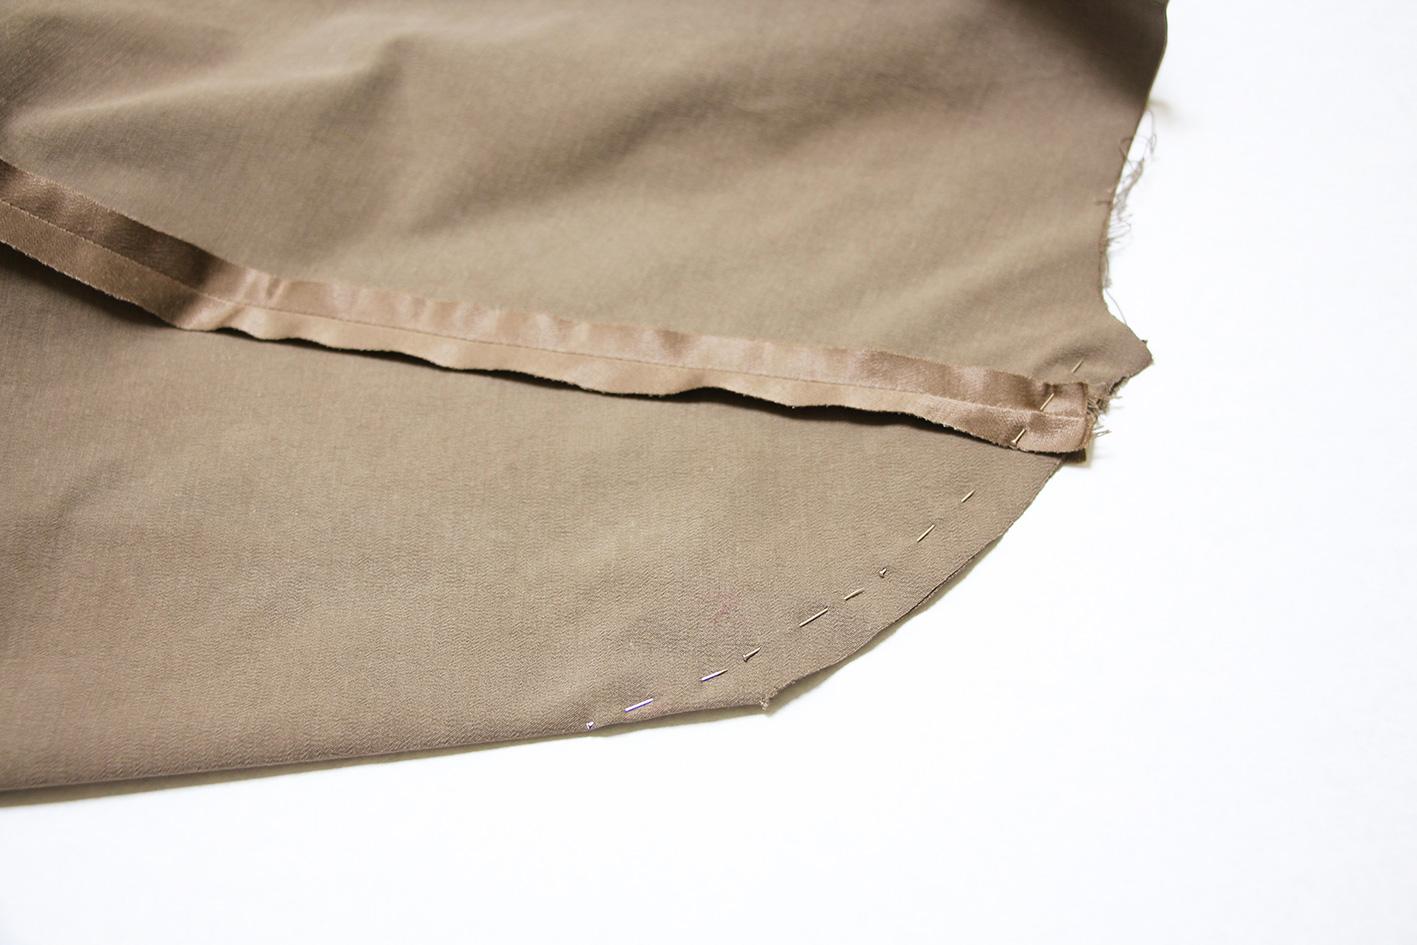 Ein Stoff mit einem Abnäher liegt flach auf und ist mit Stecknadeln befestigt.